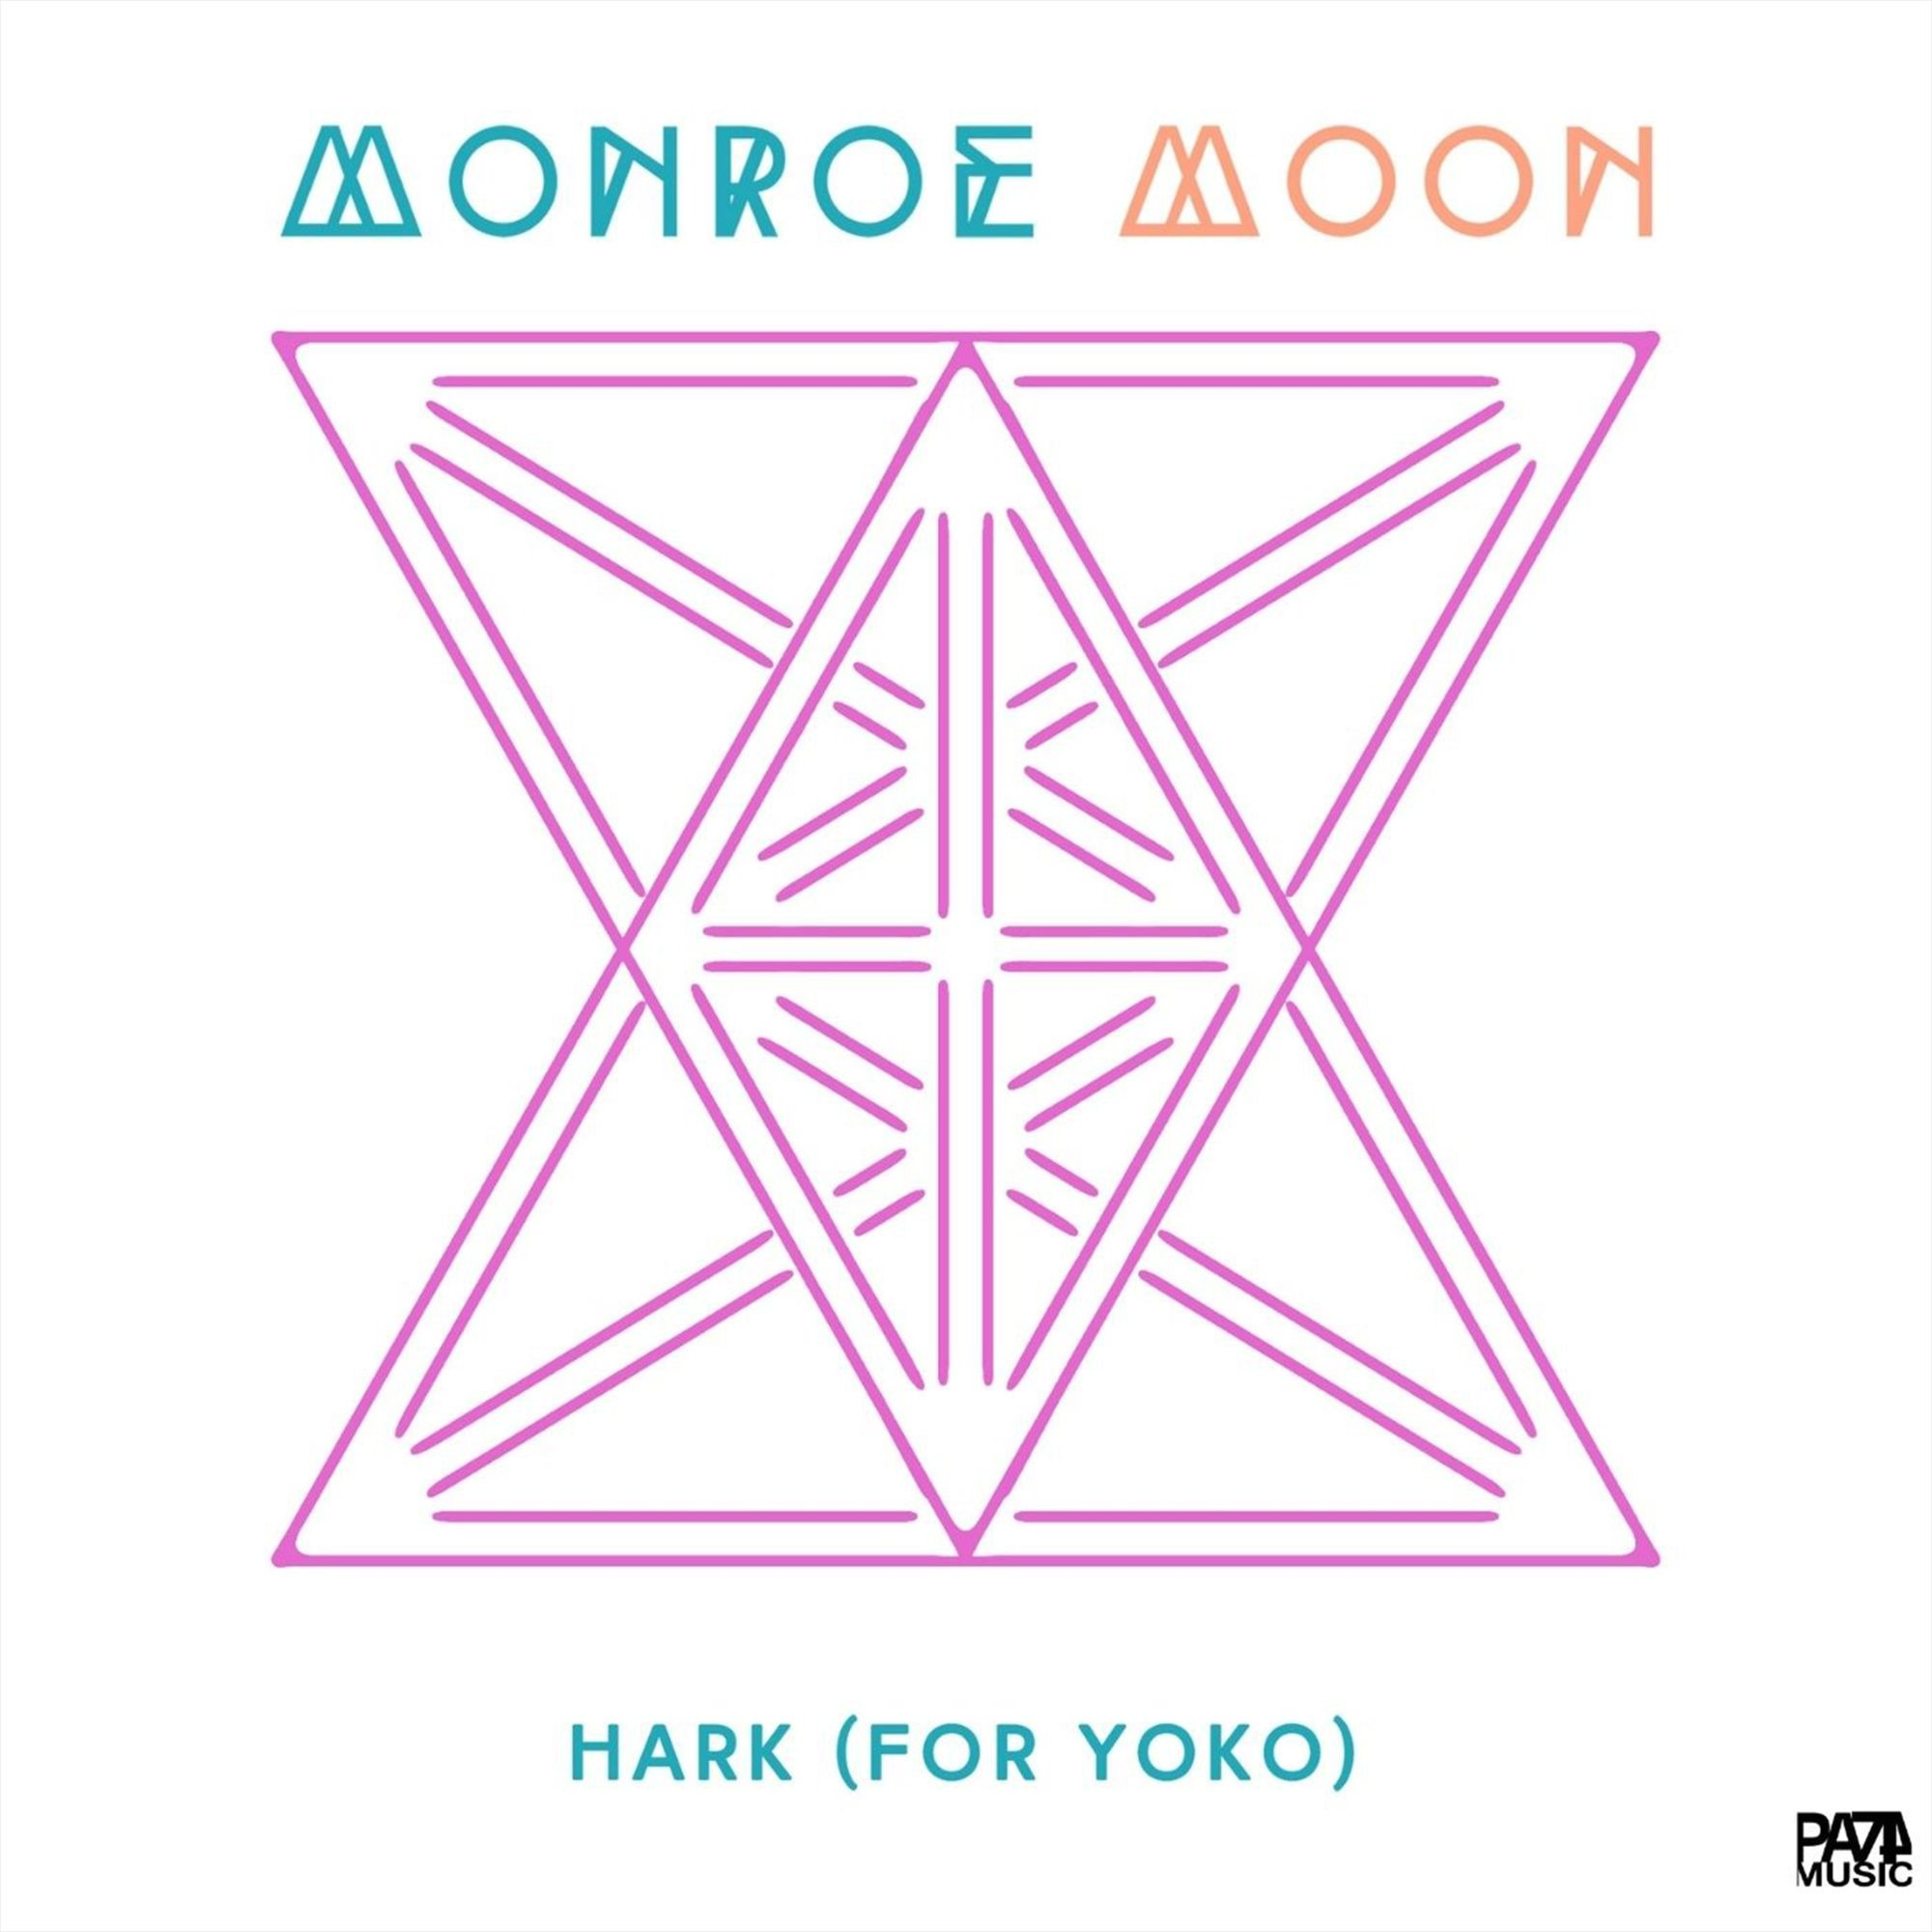 """MONROE MOON """"Hark (for Yoko)"""" ©PA74 Music Publishing"""